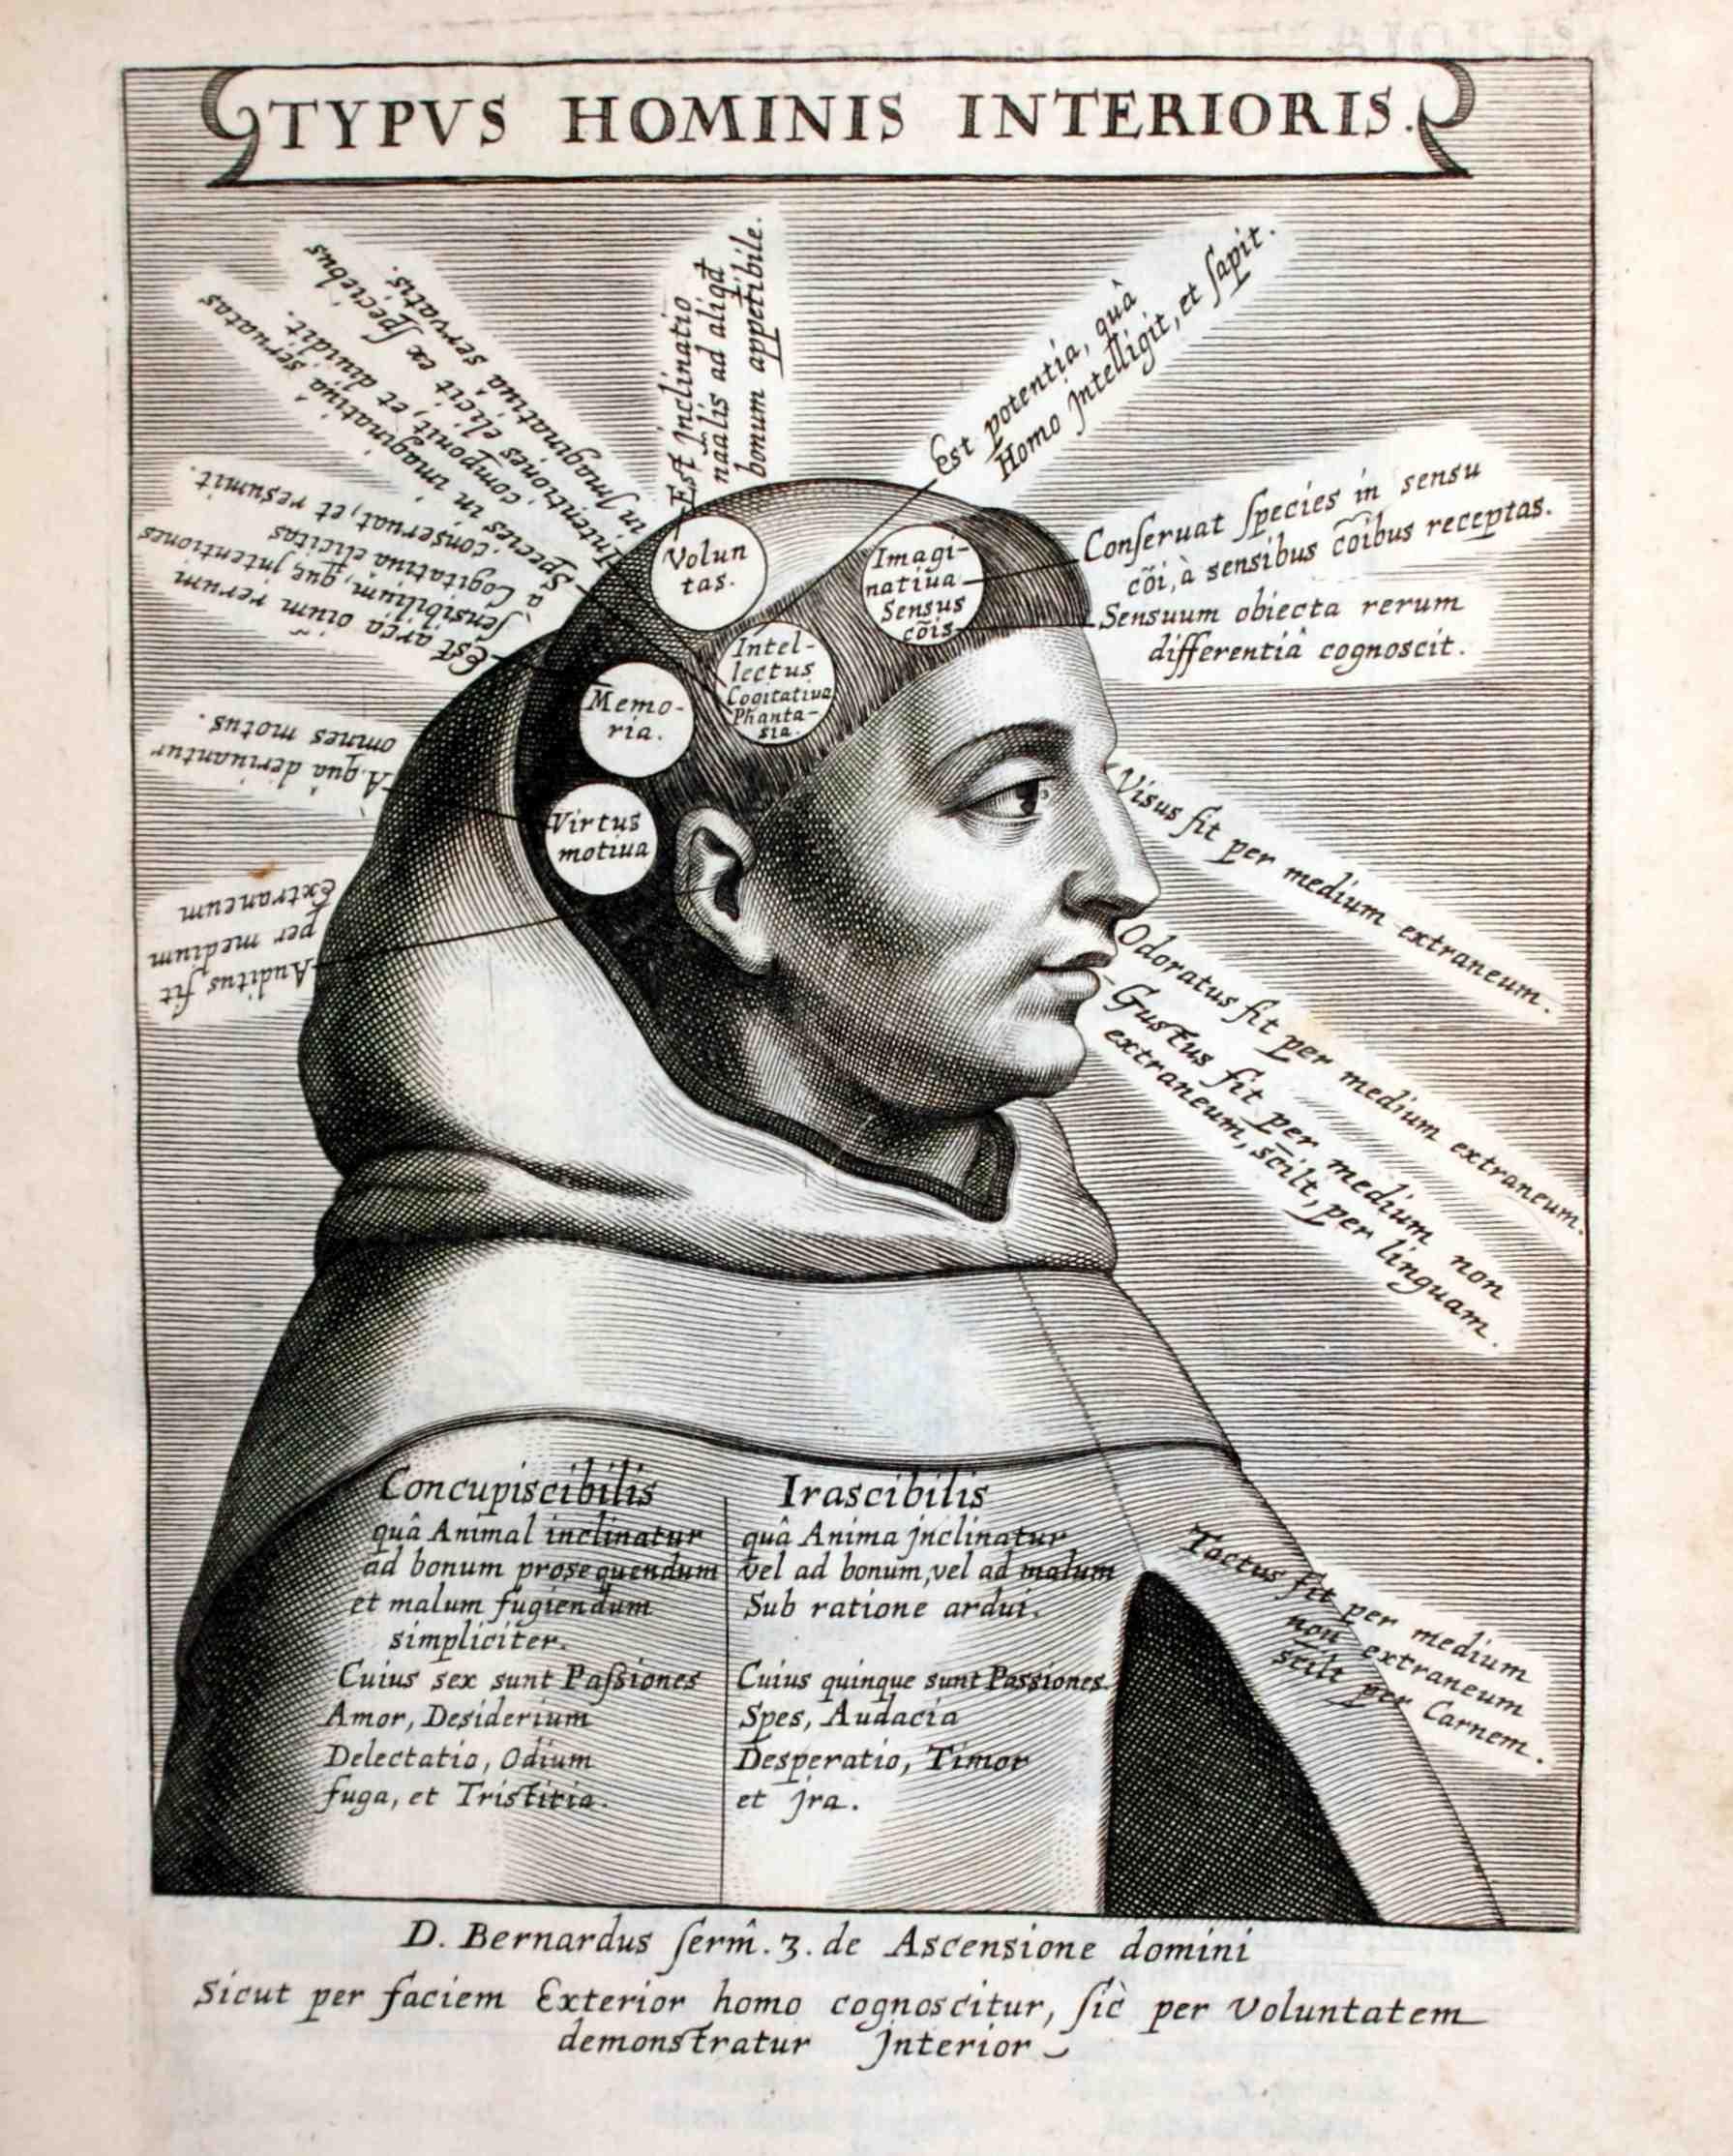 Typus Hominis Interioris, in Idea vitae Teresianae iconibvs  symbolicis expressa... Antuerpiae, apud Jacobum Mesen, (BPNM)